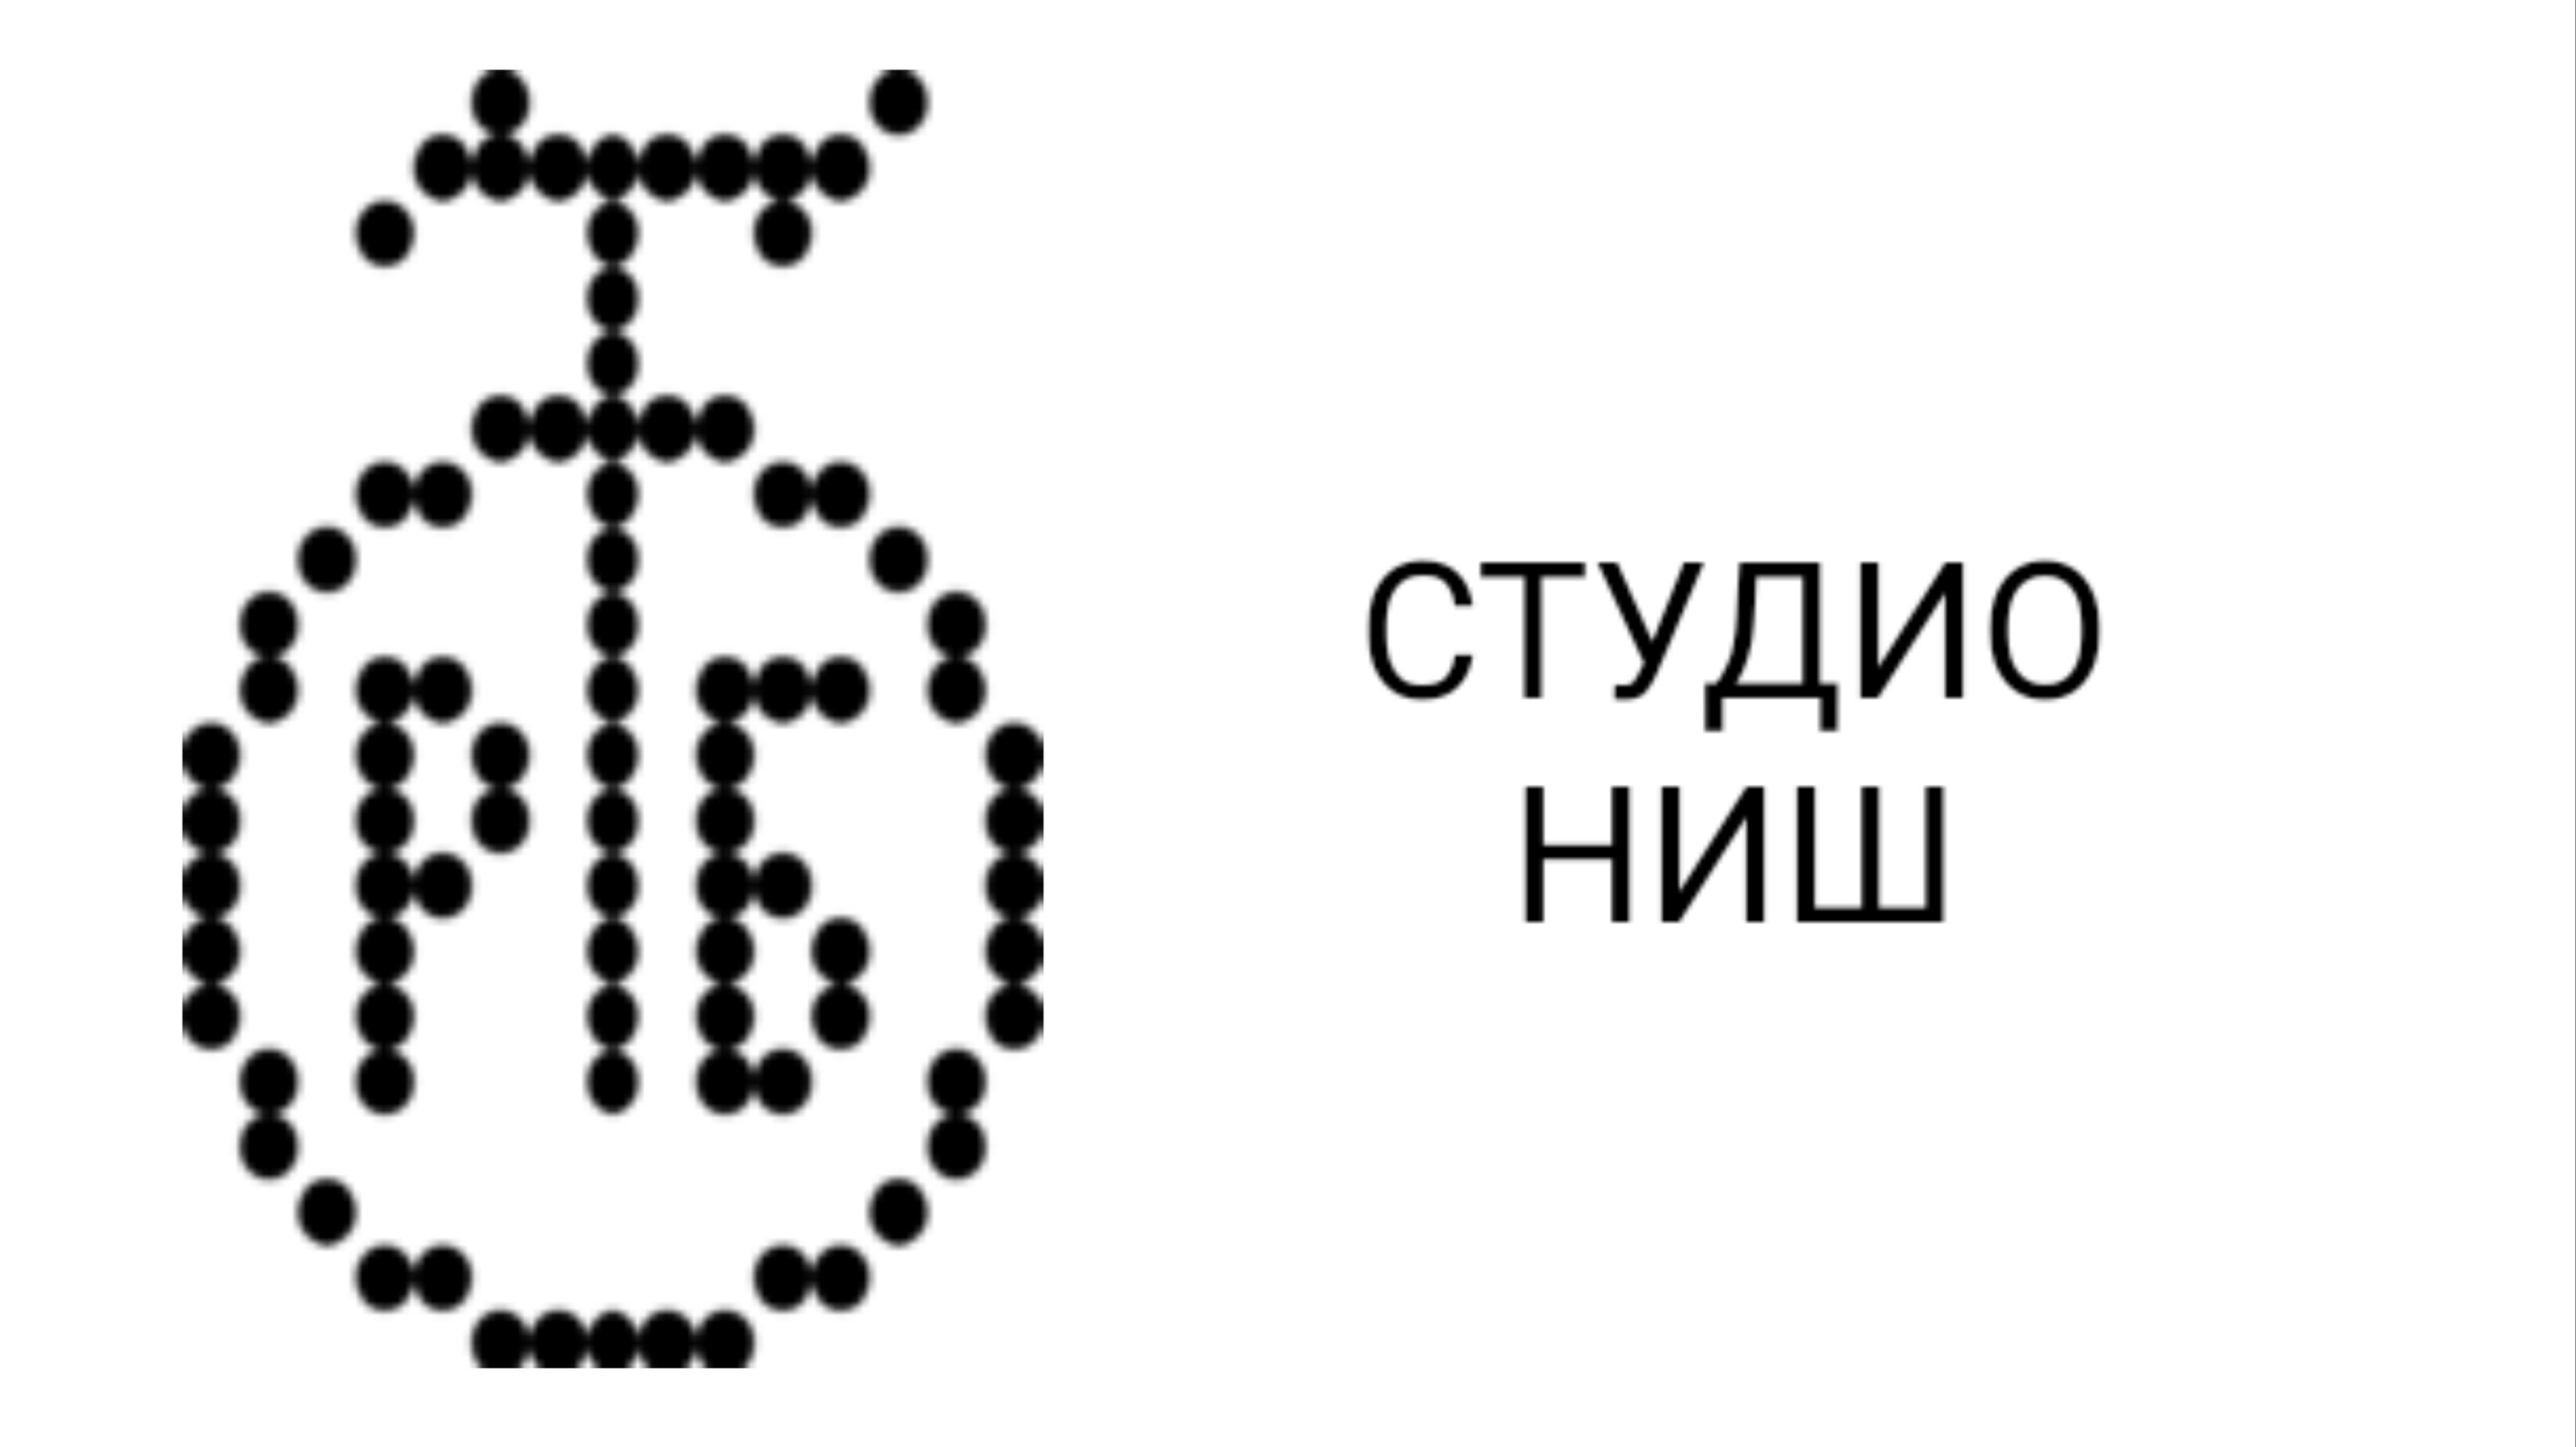 20200122 143122.jpg